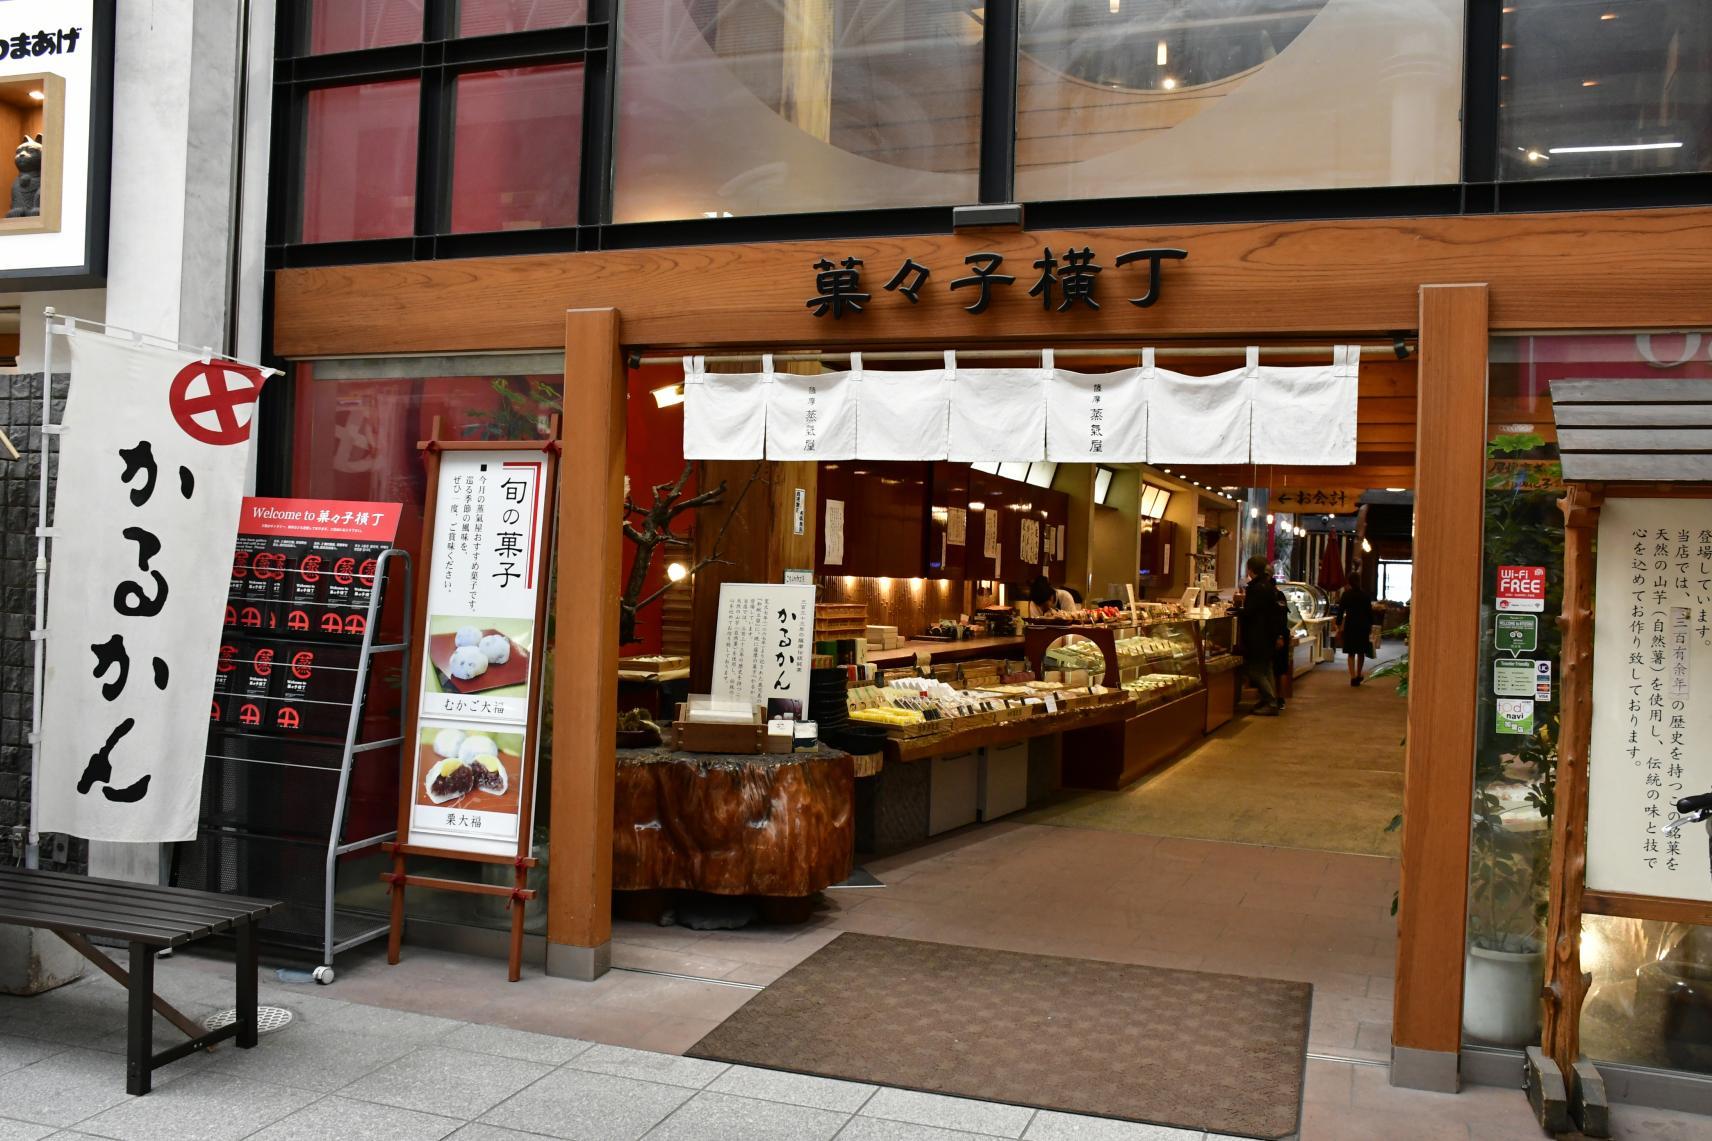 薩摩蒸氣屋 菓菓子横丁-0